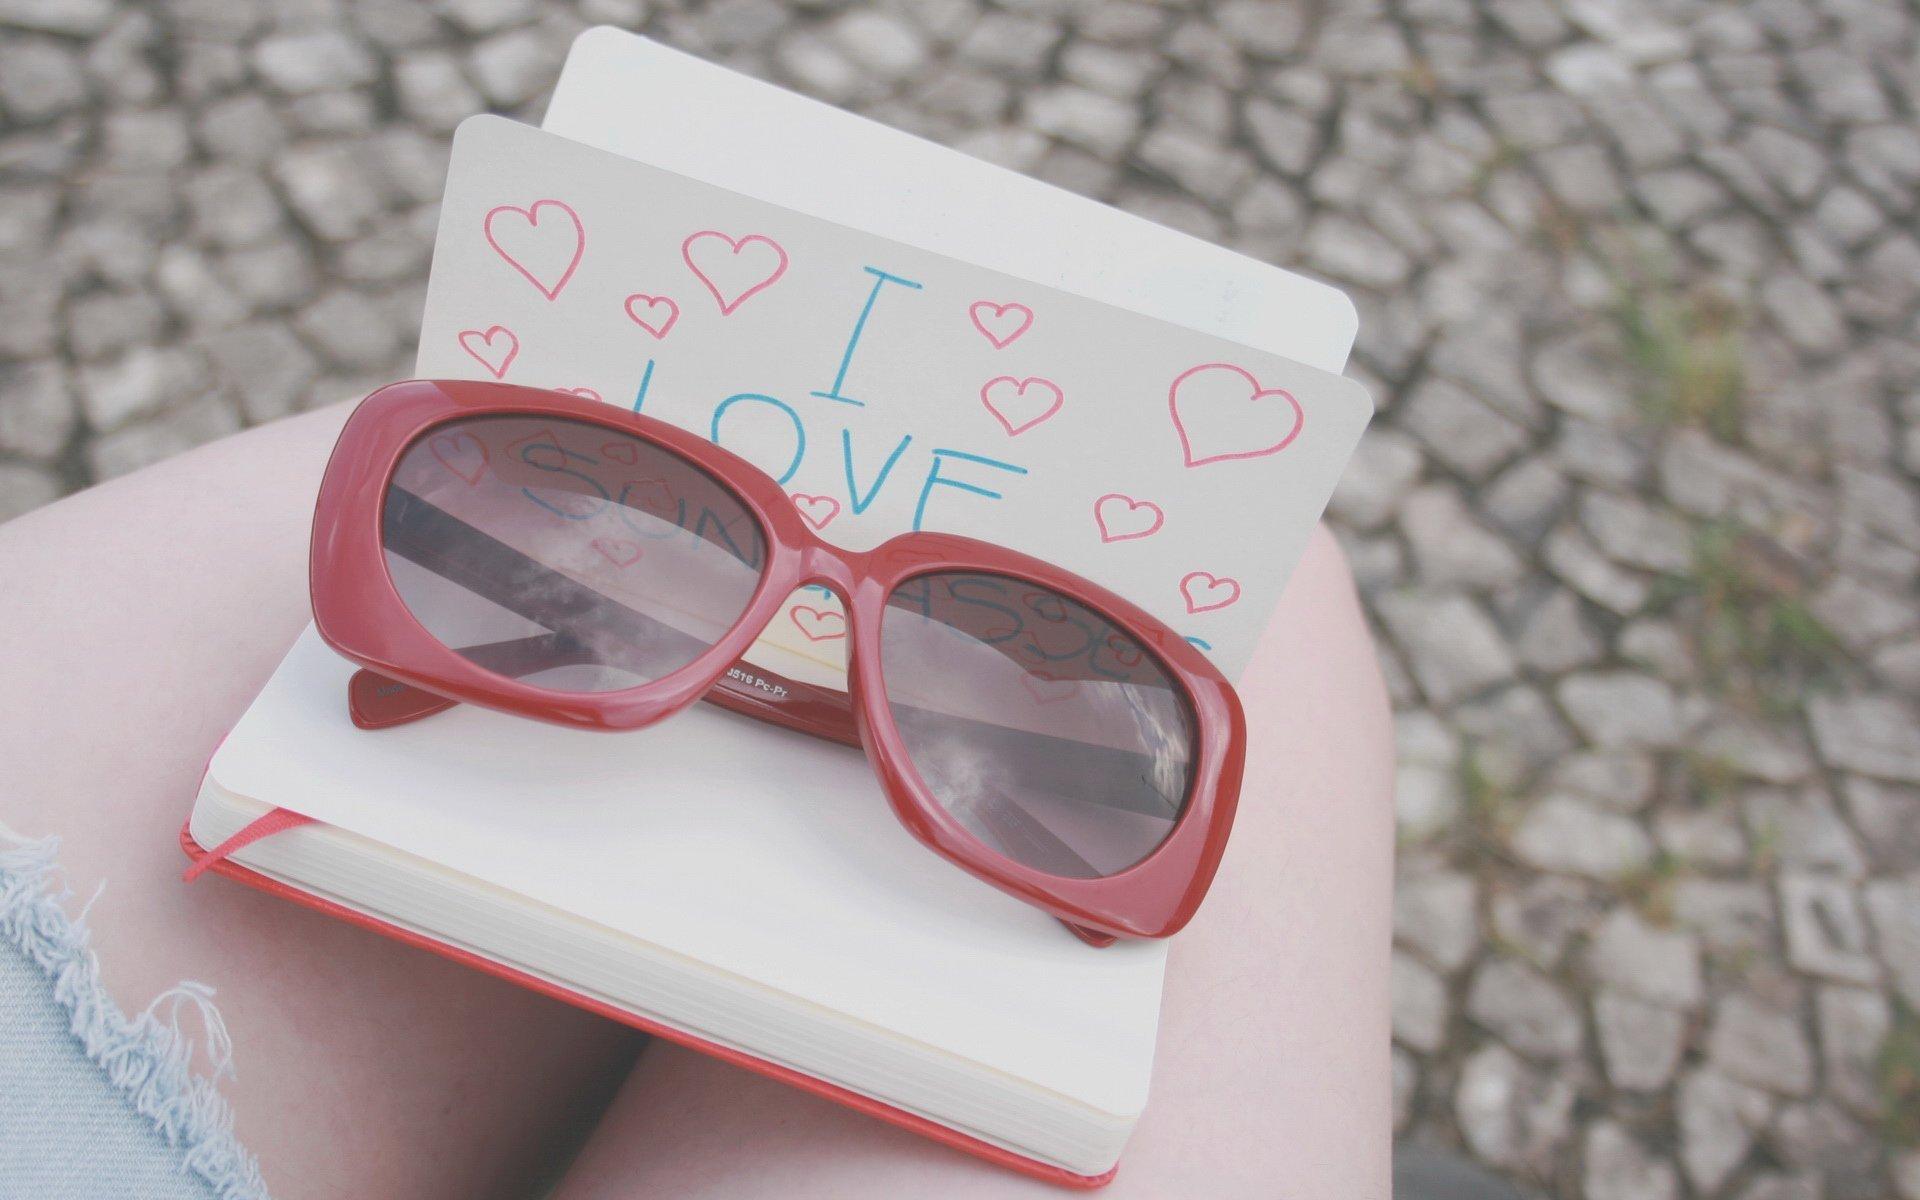 爱情美图,爱情箴言,爱要写出来